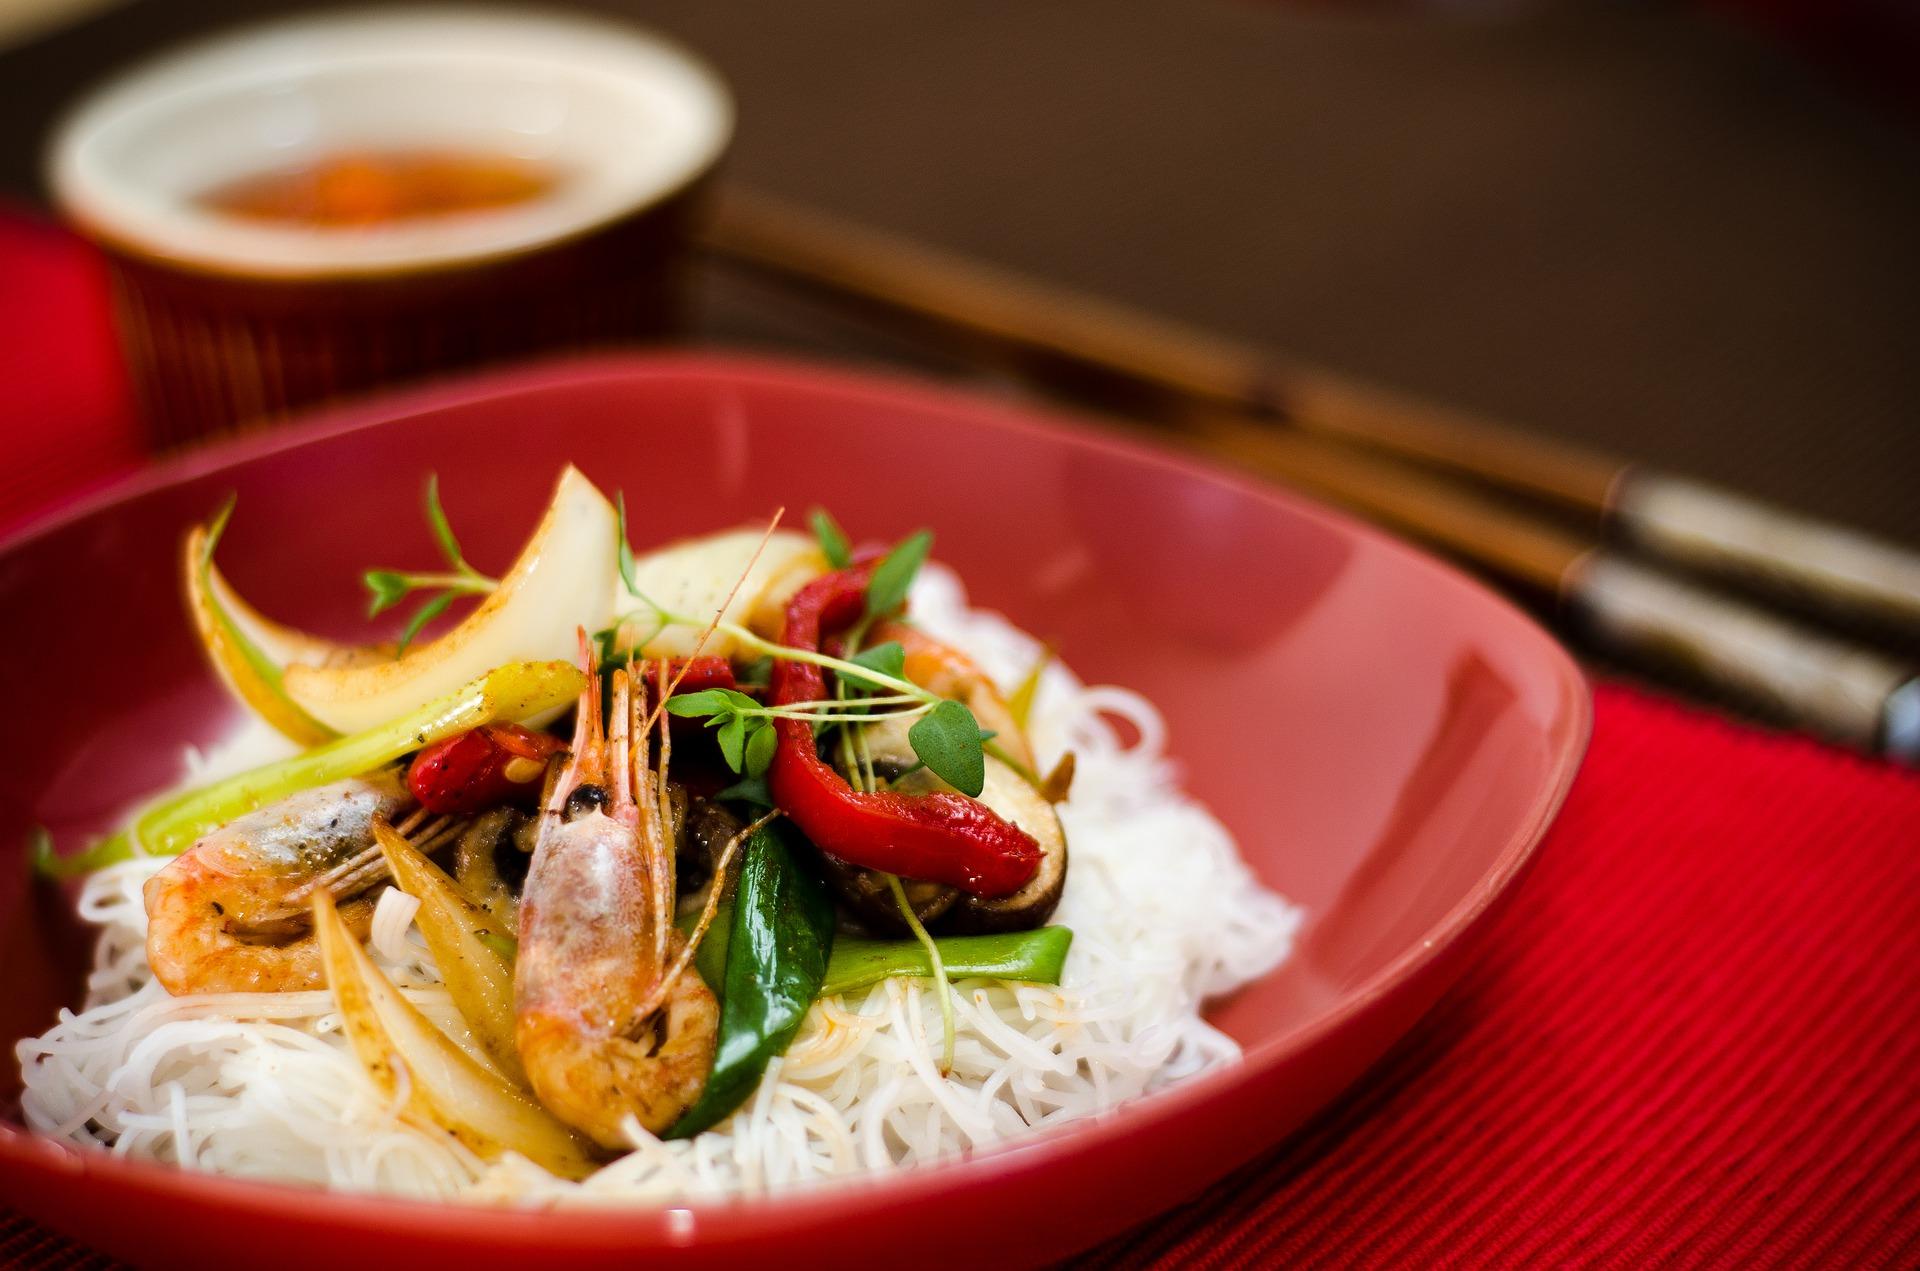 Dieta ryżowa – na czym polega i czy jest bezpieczna?